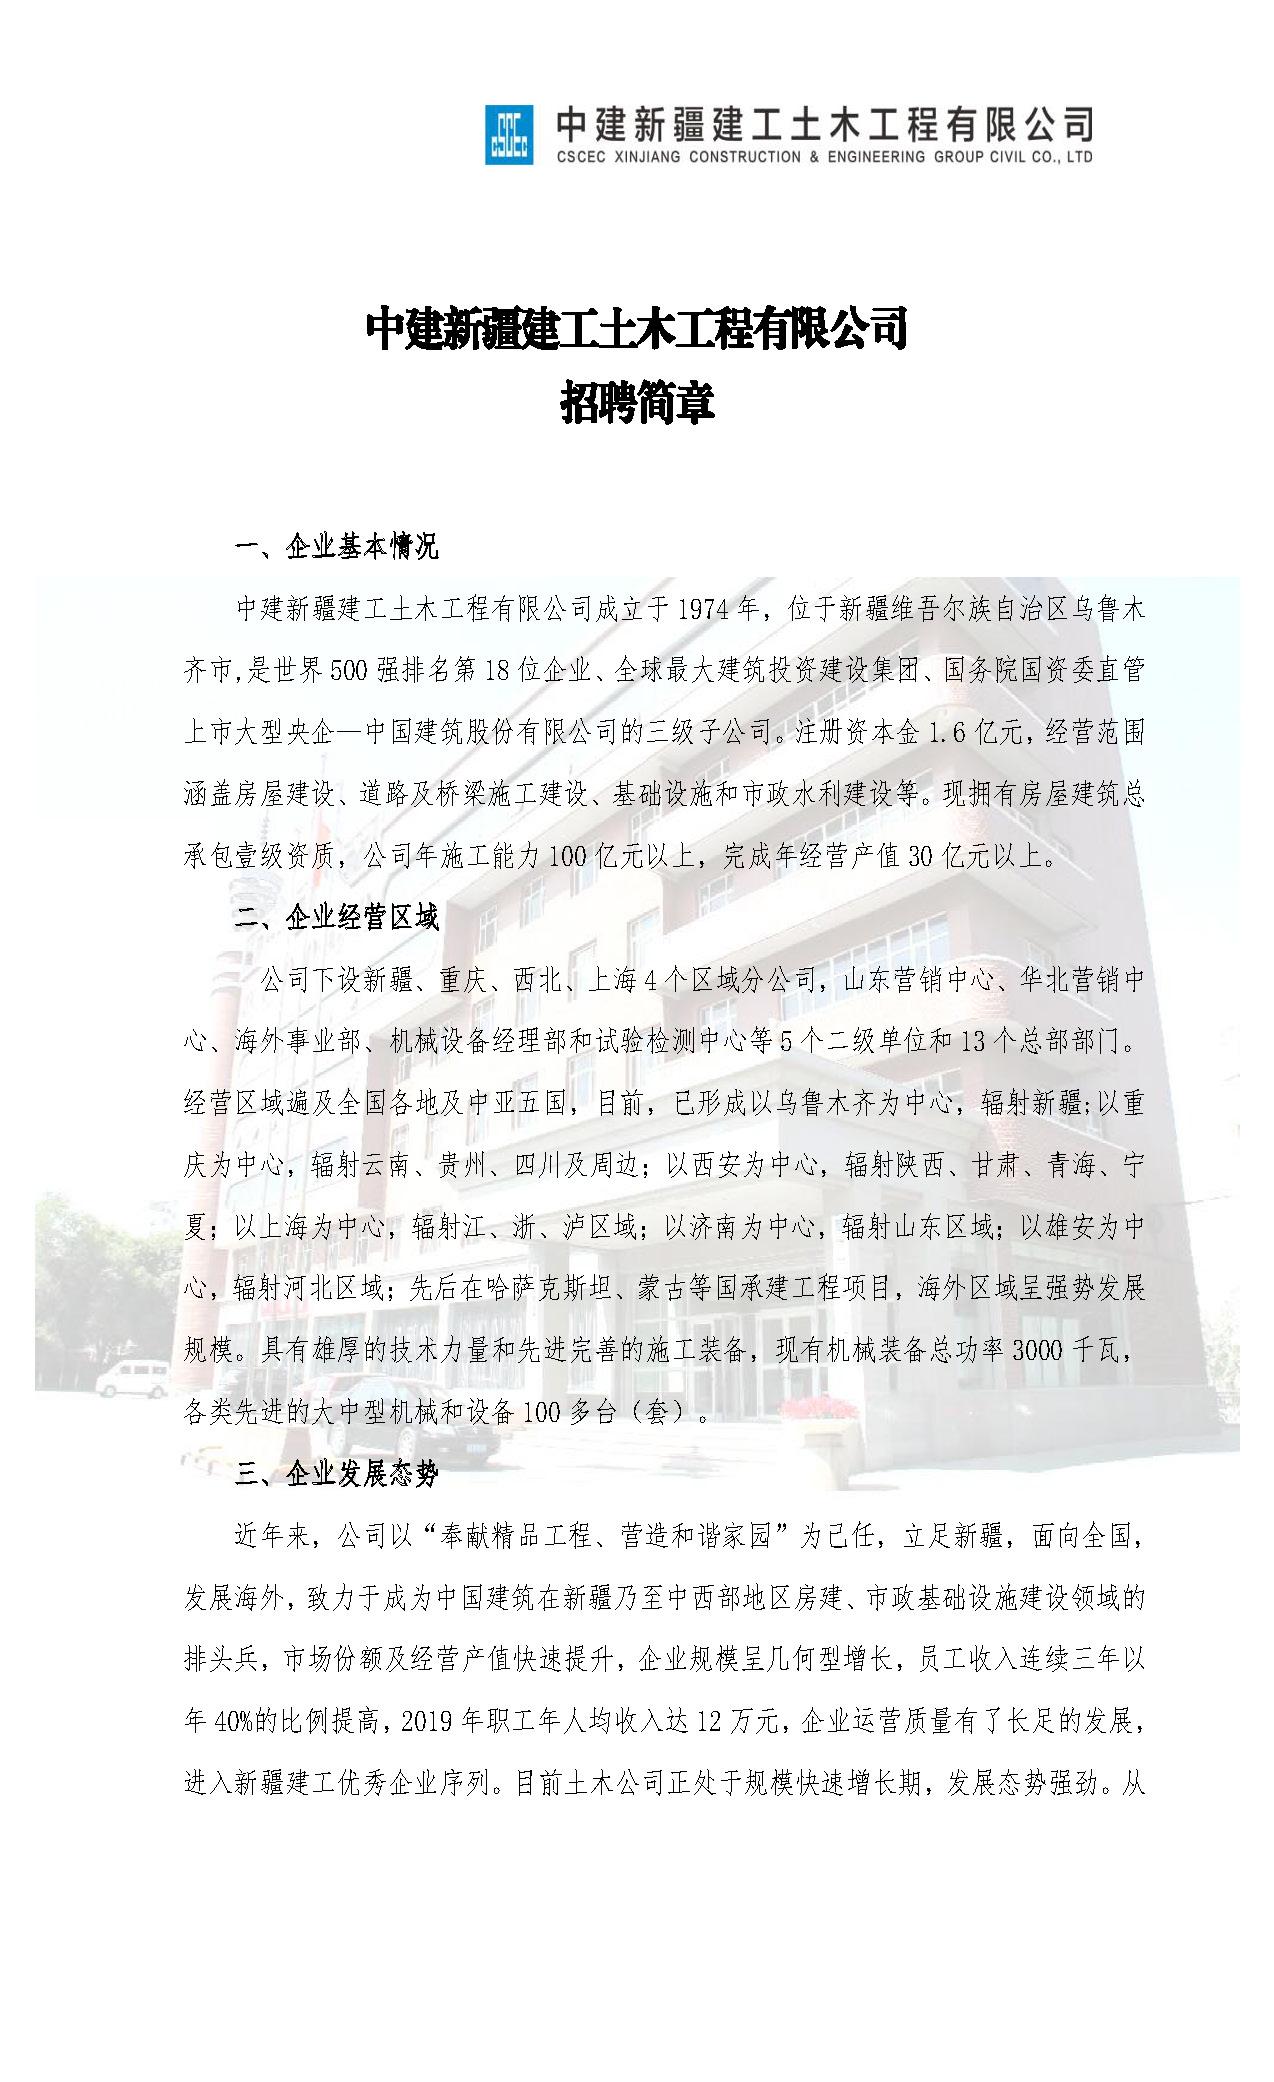 中建新疆建工土木公司2021年招聘简章_页面_1.jpg